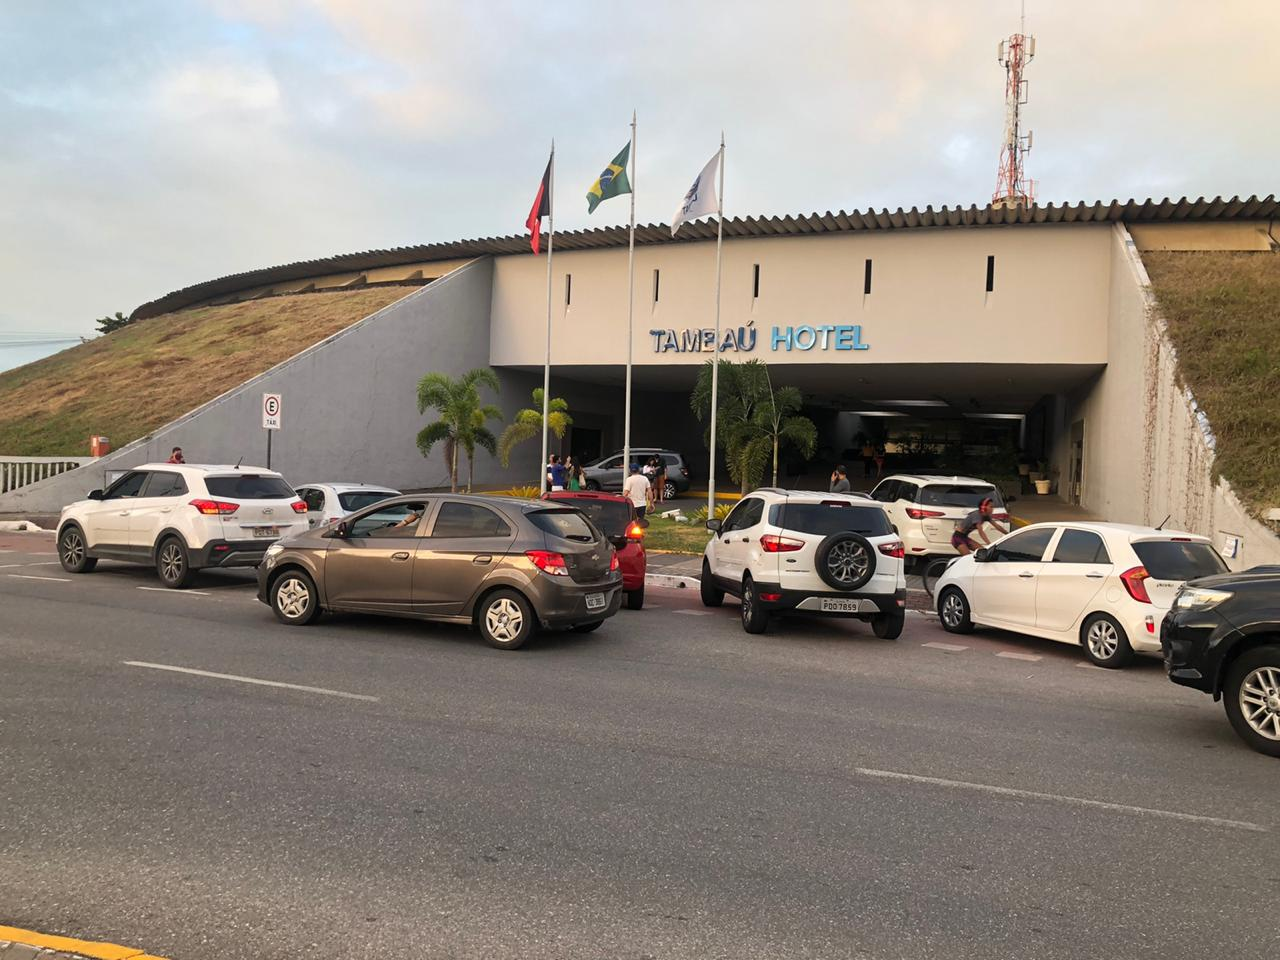 WhatsApp Image 2020 09 05 at 18.24.17 - SURPRESA, CONSTRANGIMENTO E PREJUÍZO: turistas fazem reserva e na hora da hospedagem descobrem que hotel está desativado; VEJA VÍDEO